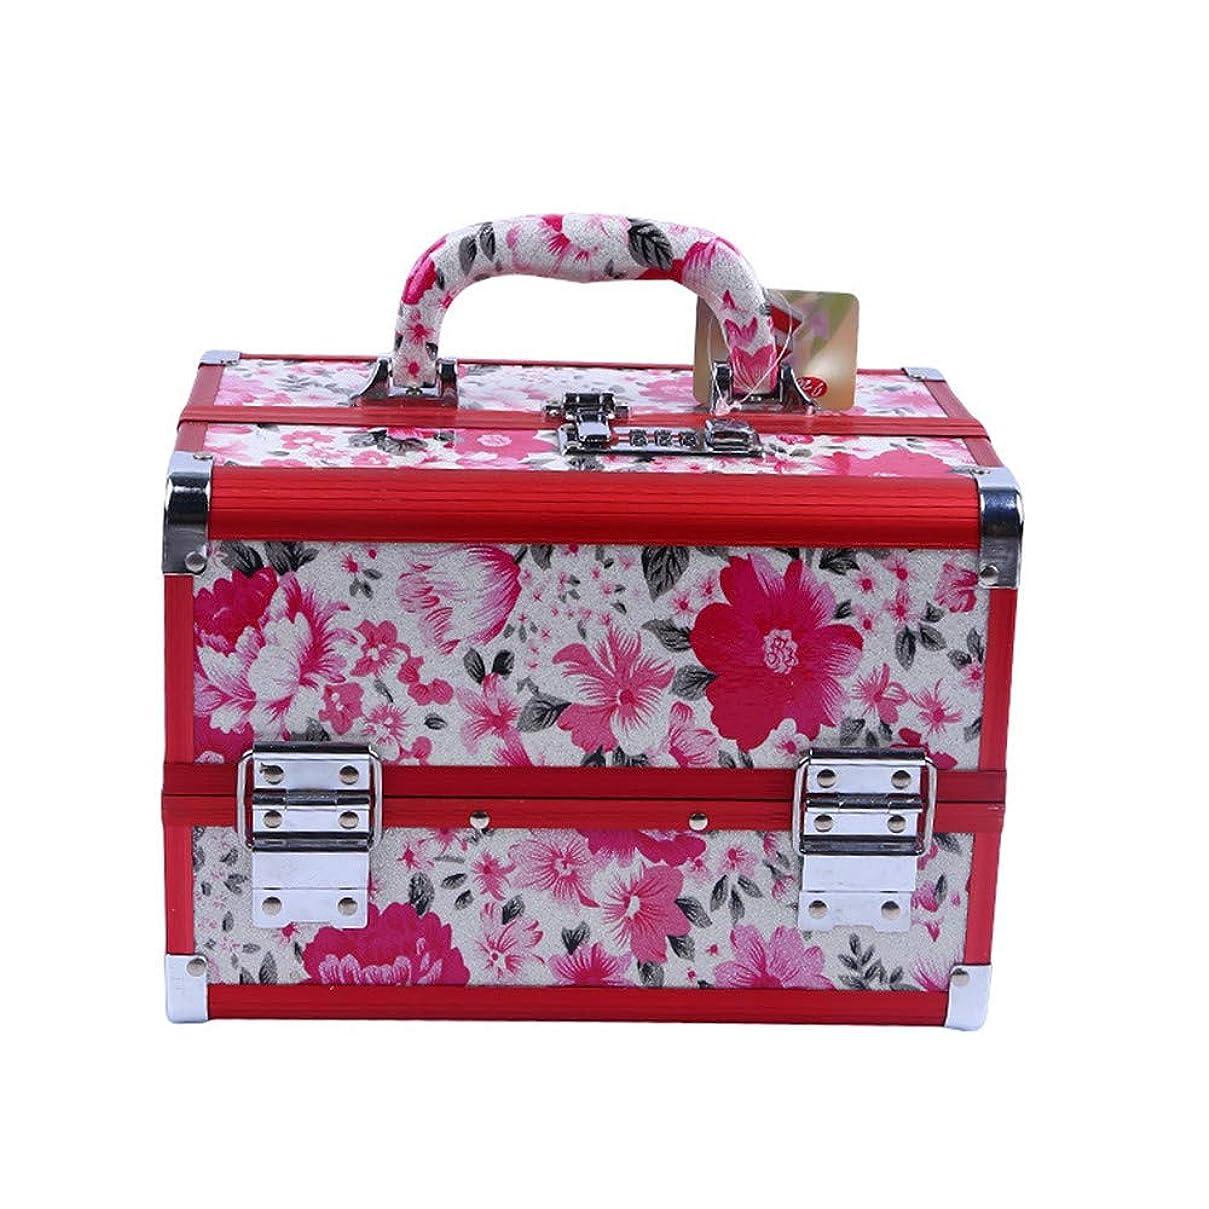 保安インデックス充実化粧オーガナイザーバッグ 花のパターンポータブル化粧品ケース美容メイクアップと女の子の女性の旅行と毎日のストレージロック付きトレイ付き 化粧品ケース